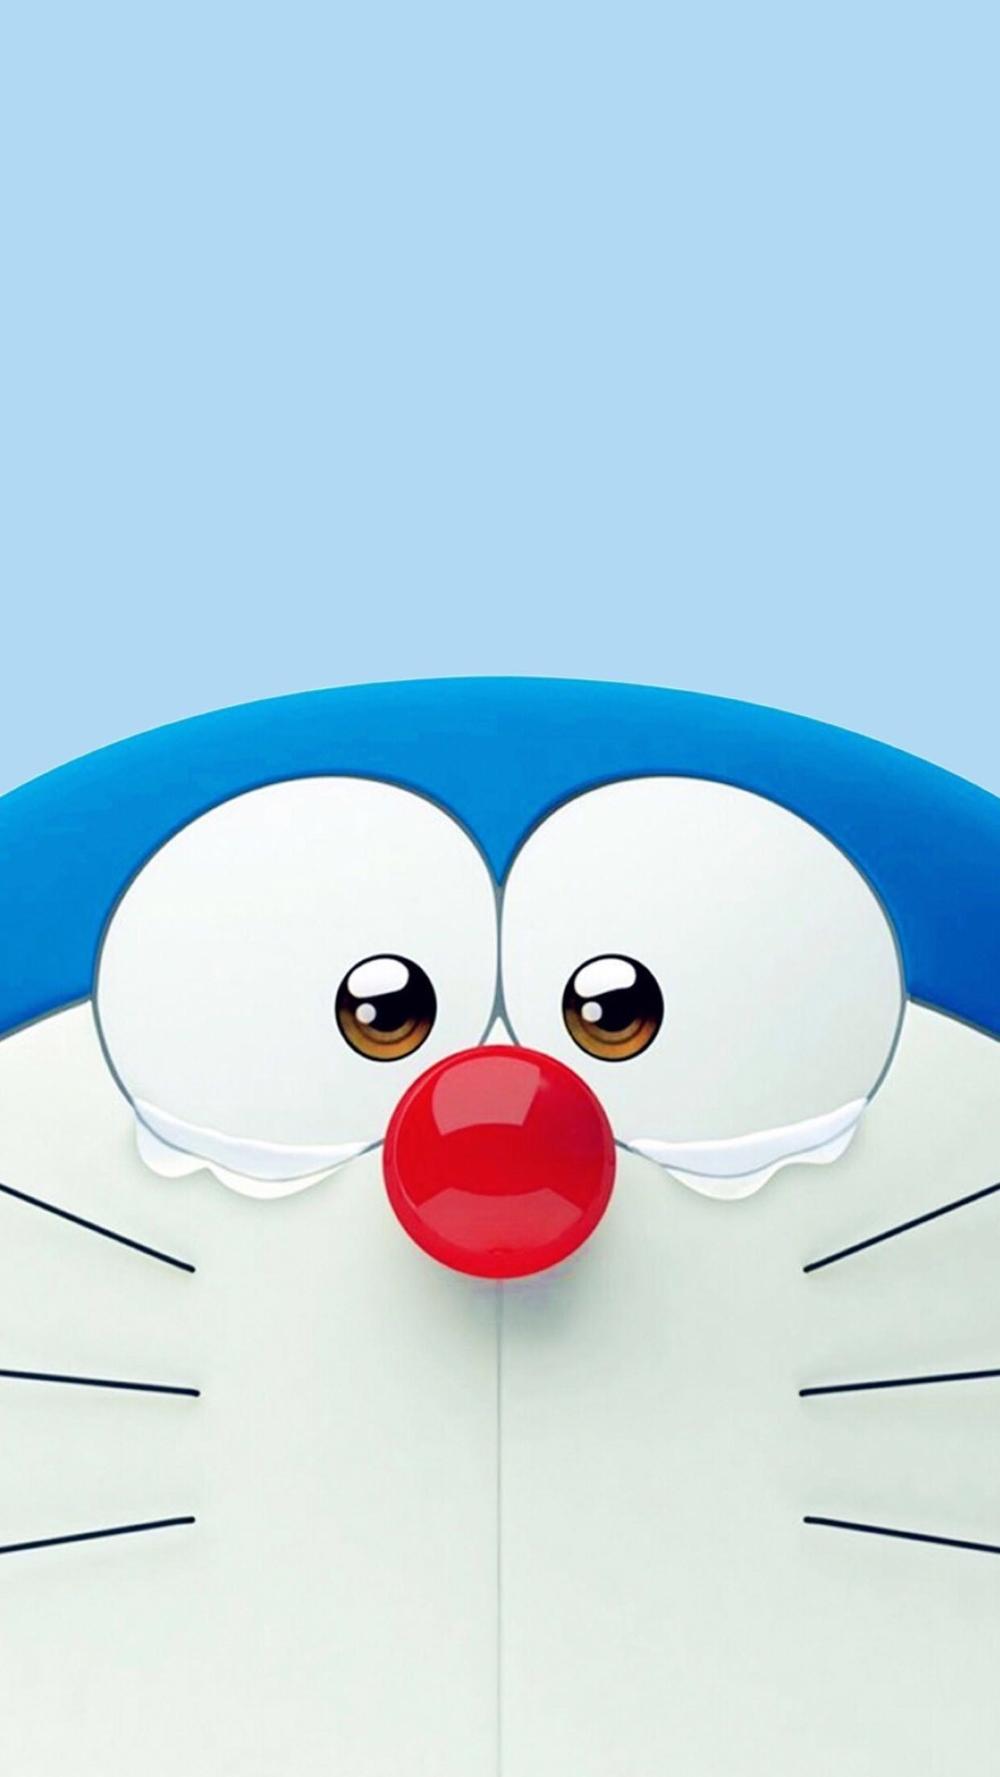 Android Doraemon Wallpaper For Mobile